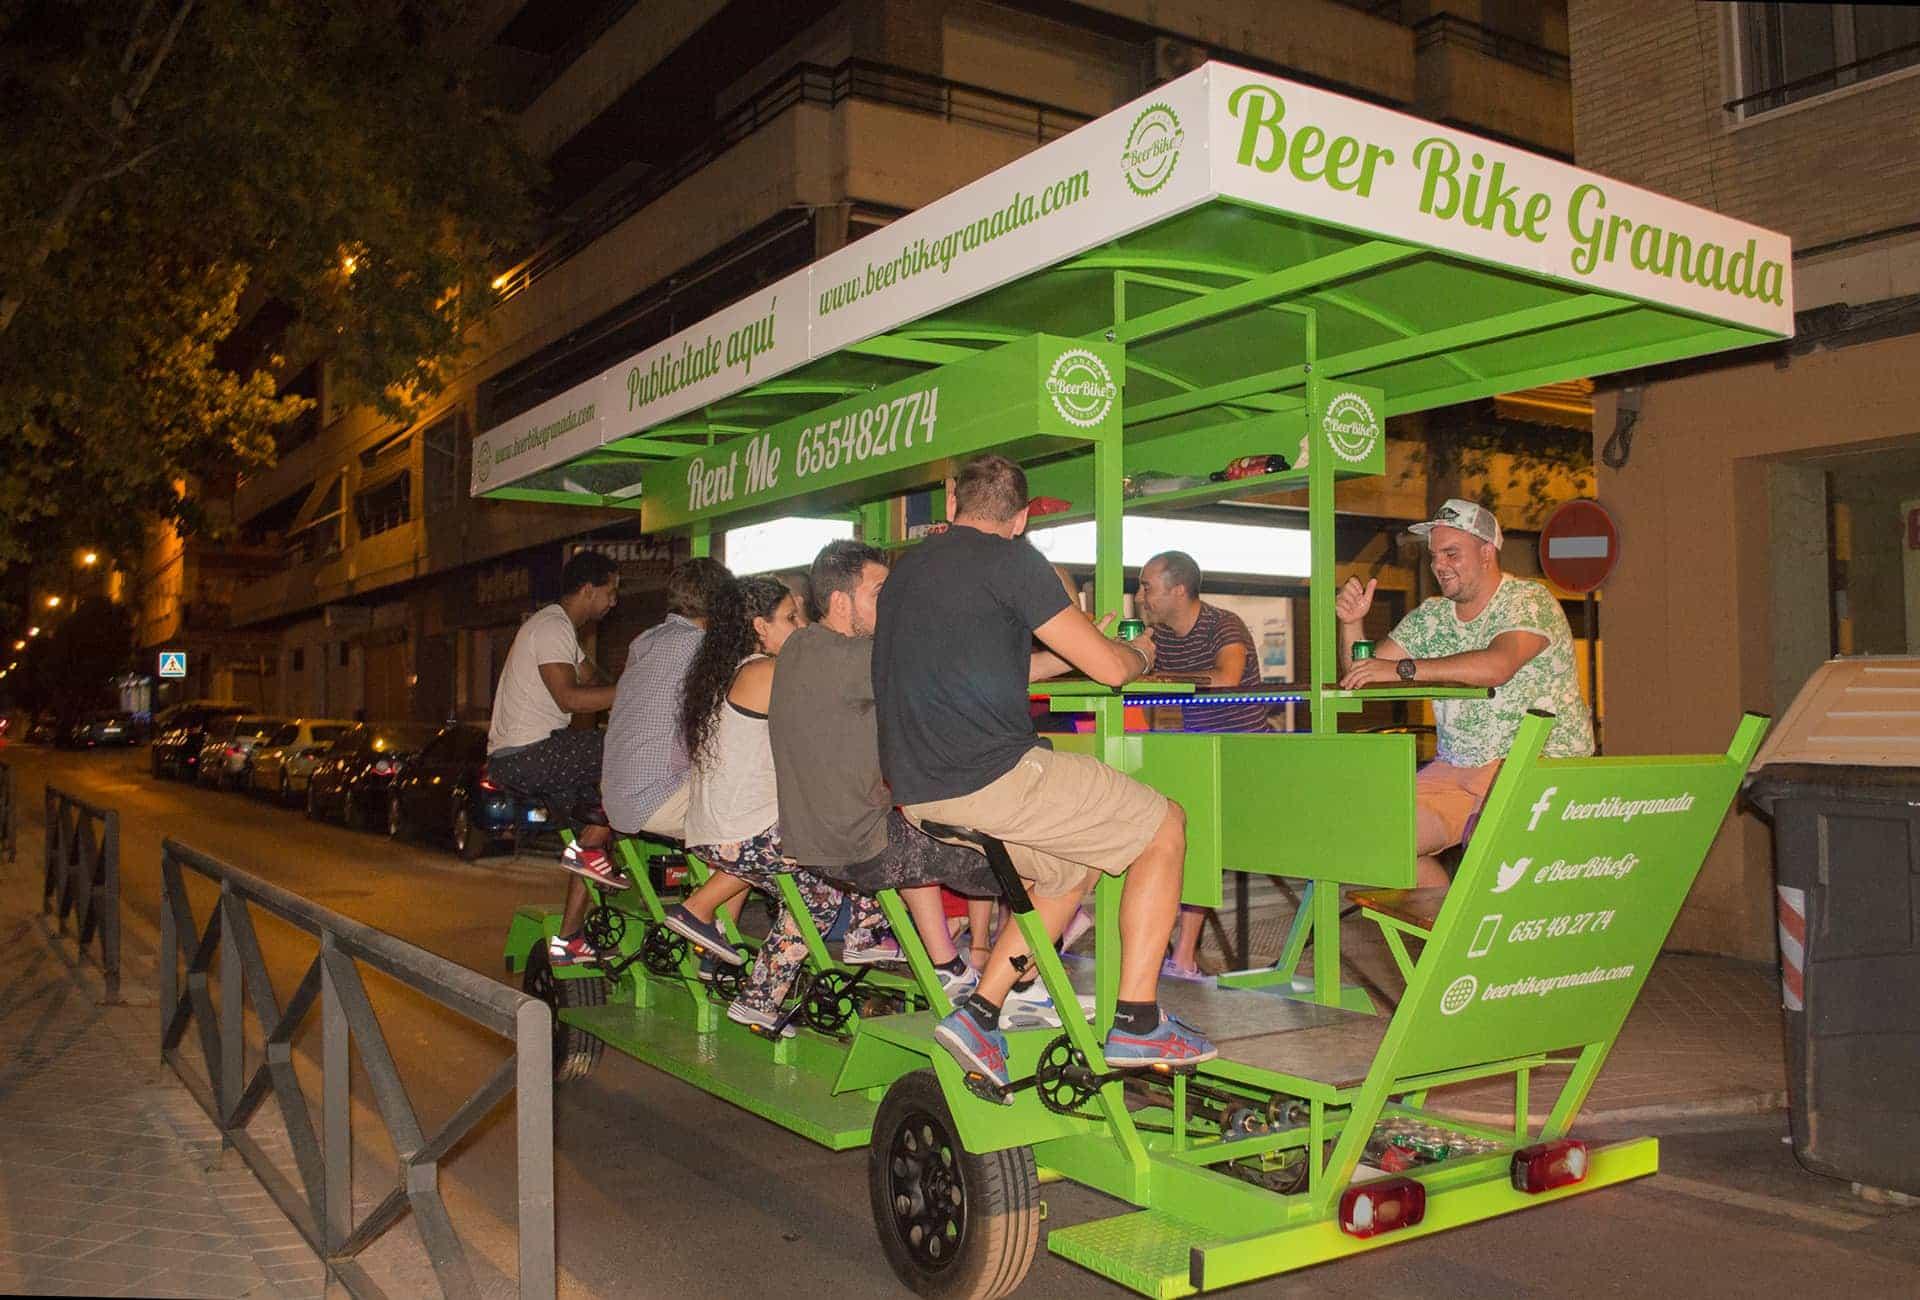 BeerBike Granada imagen 3